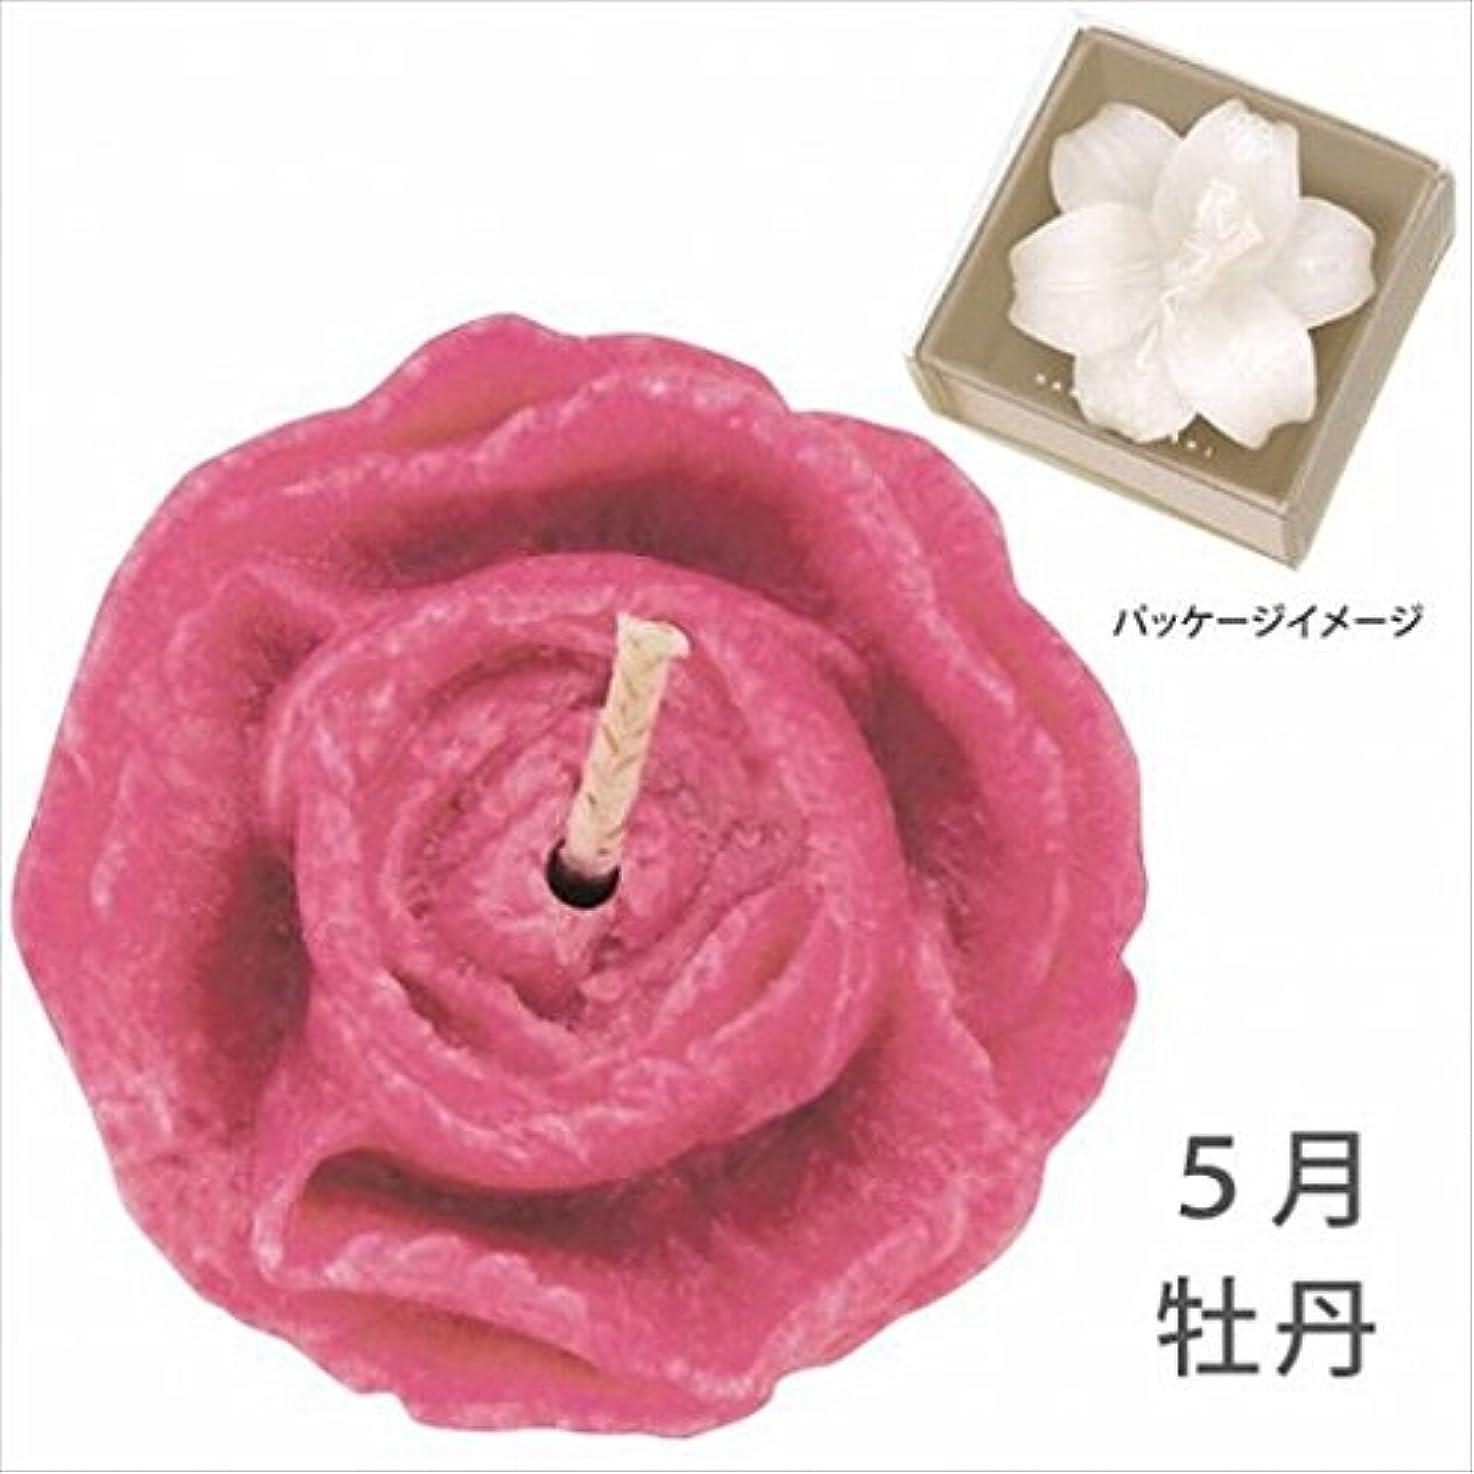 ペインティング違う松の木カメヤマキャンドル(kameyama candle) 花づくし(植物性) 牡丹 「 牡丹(5月) 」 キャンドル